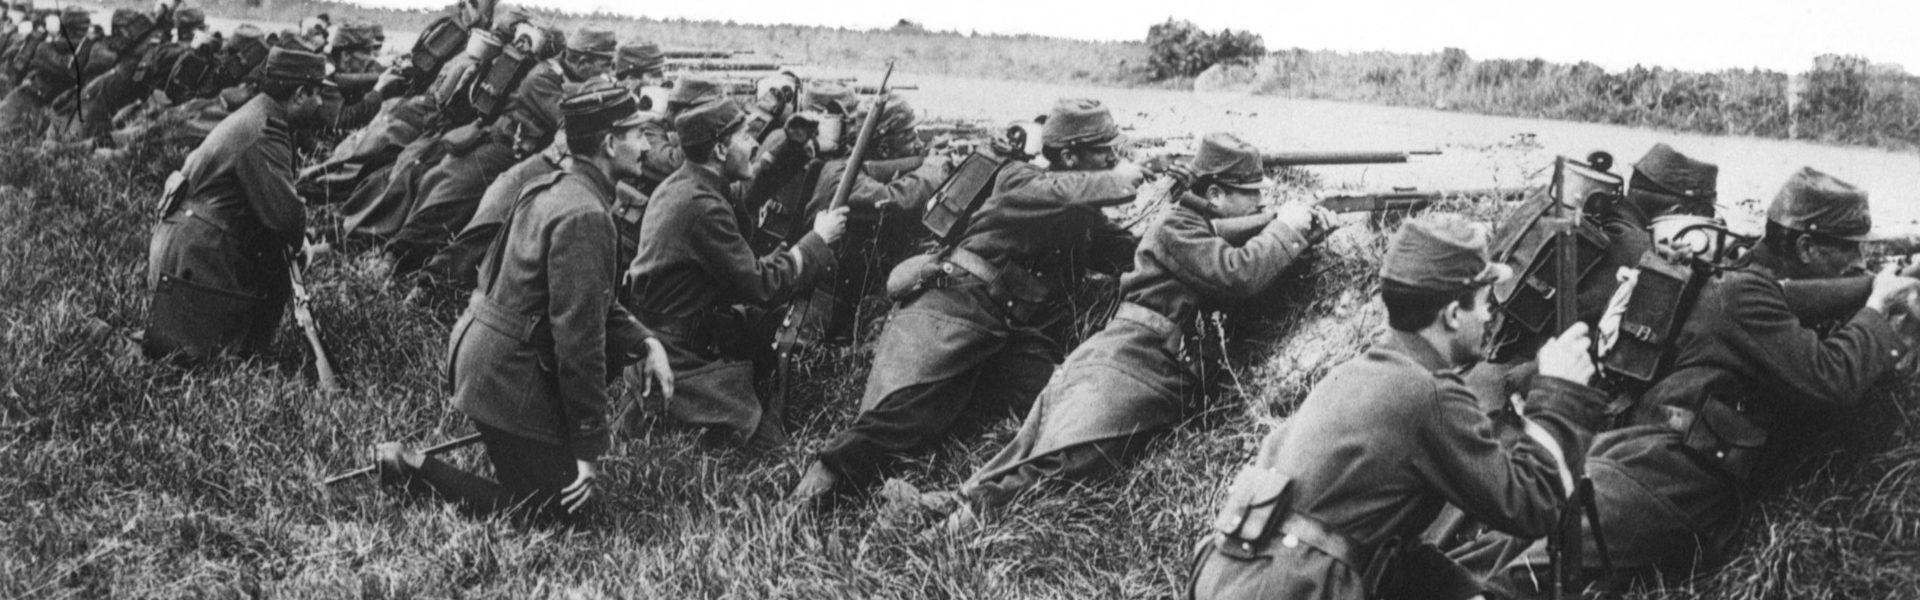 Centenario della fine della Prima Guerra Mondiale